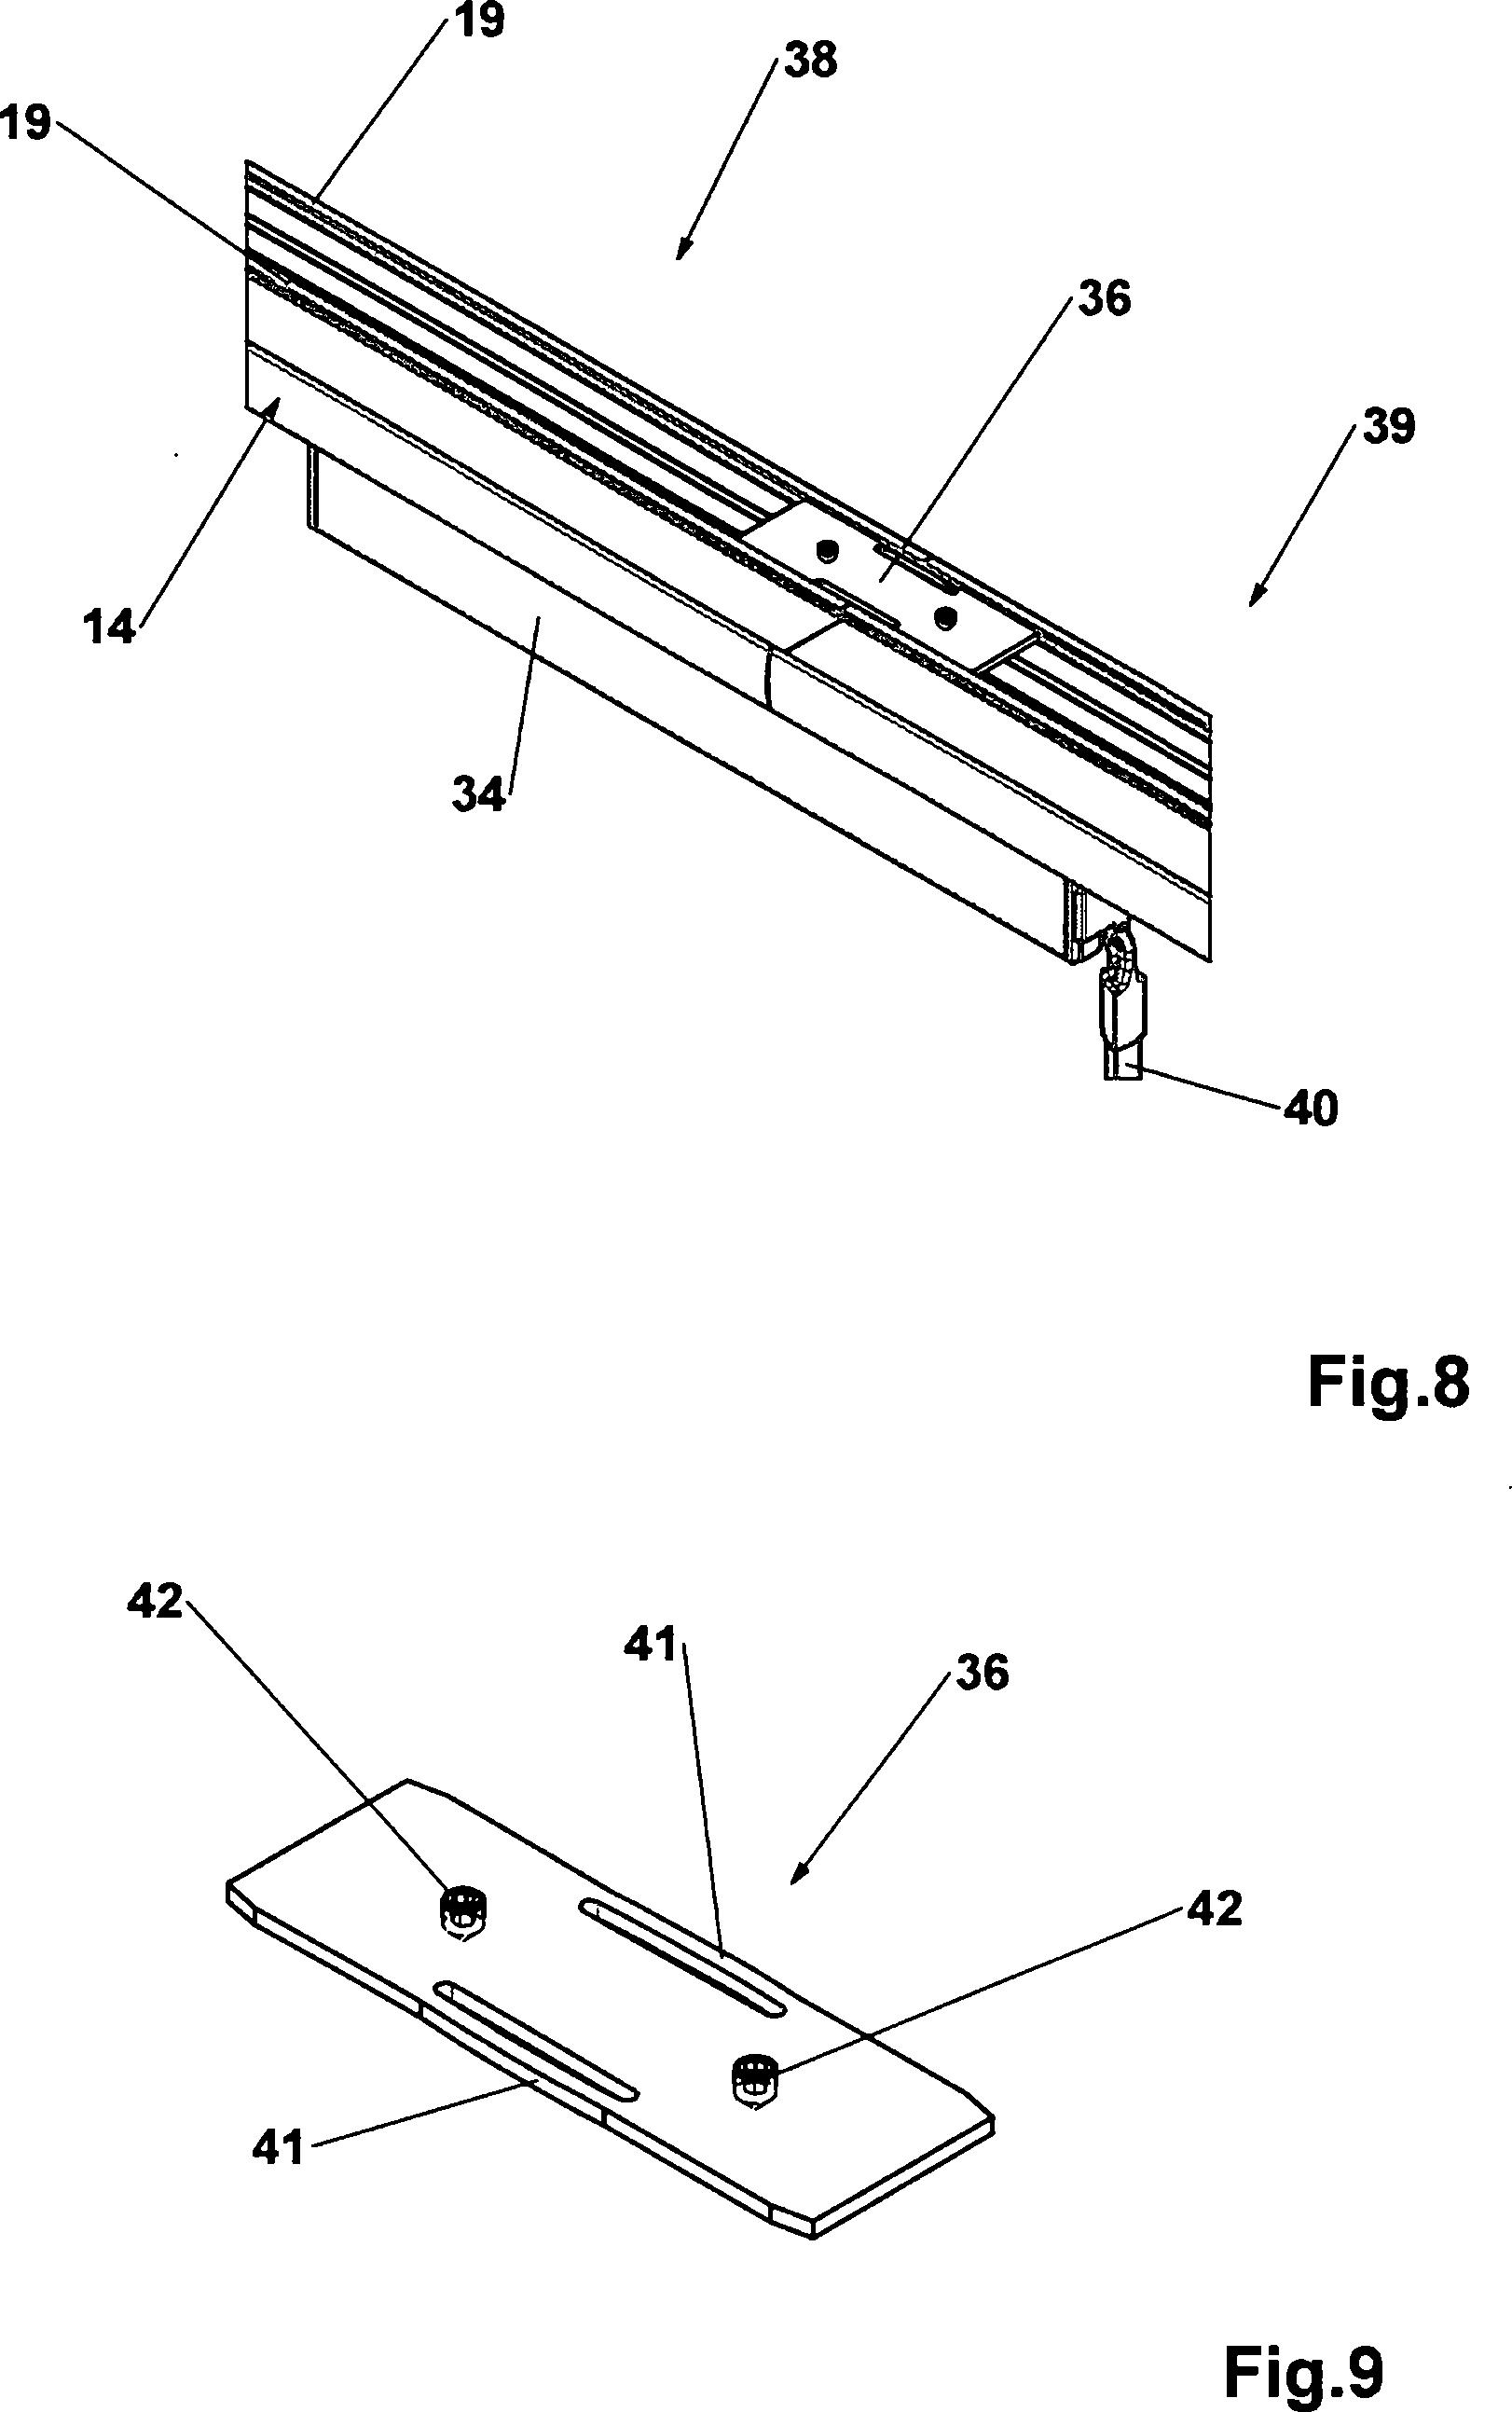 patent de102011000373b4 laufschienensystem und verfahren zum herstellen einer mehrl ufigen. Black Bedroom Furniture Sets. Home Design Ideas